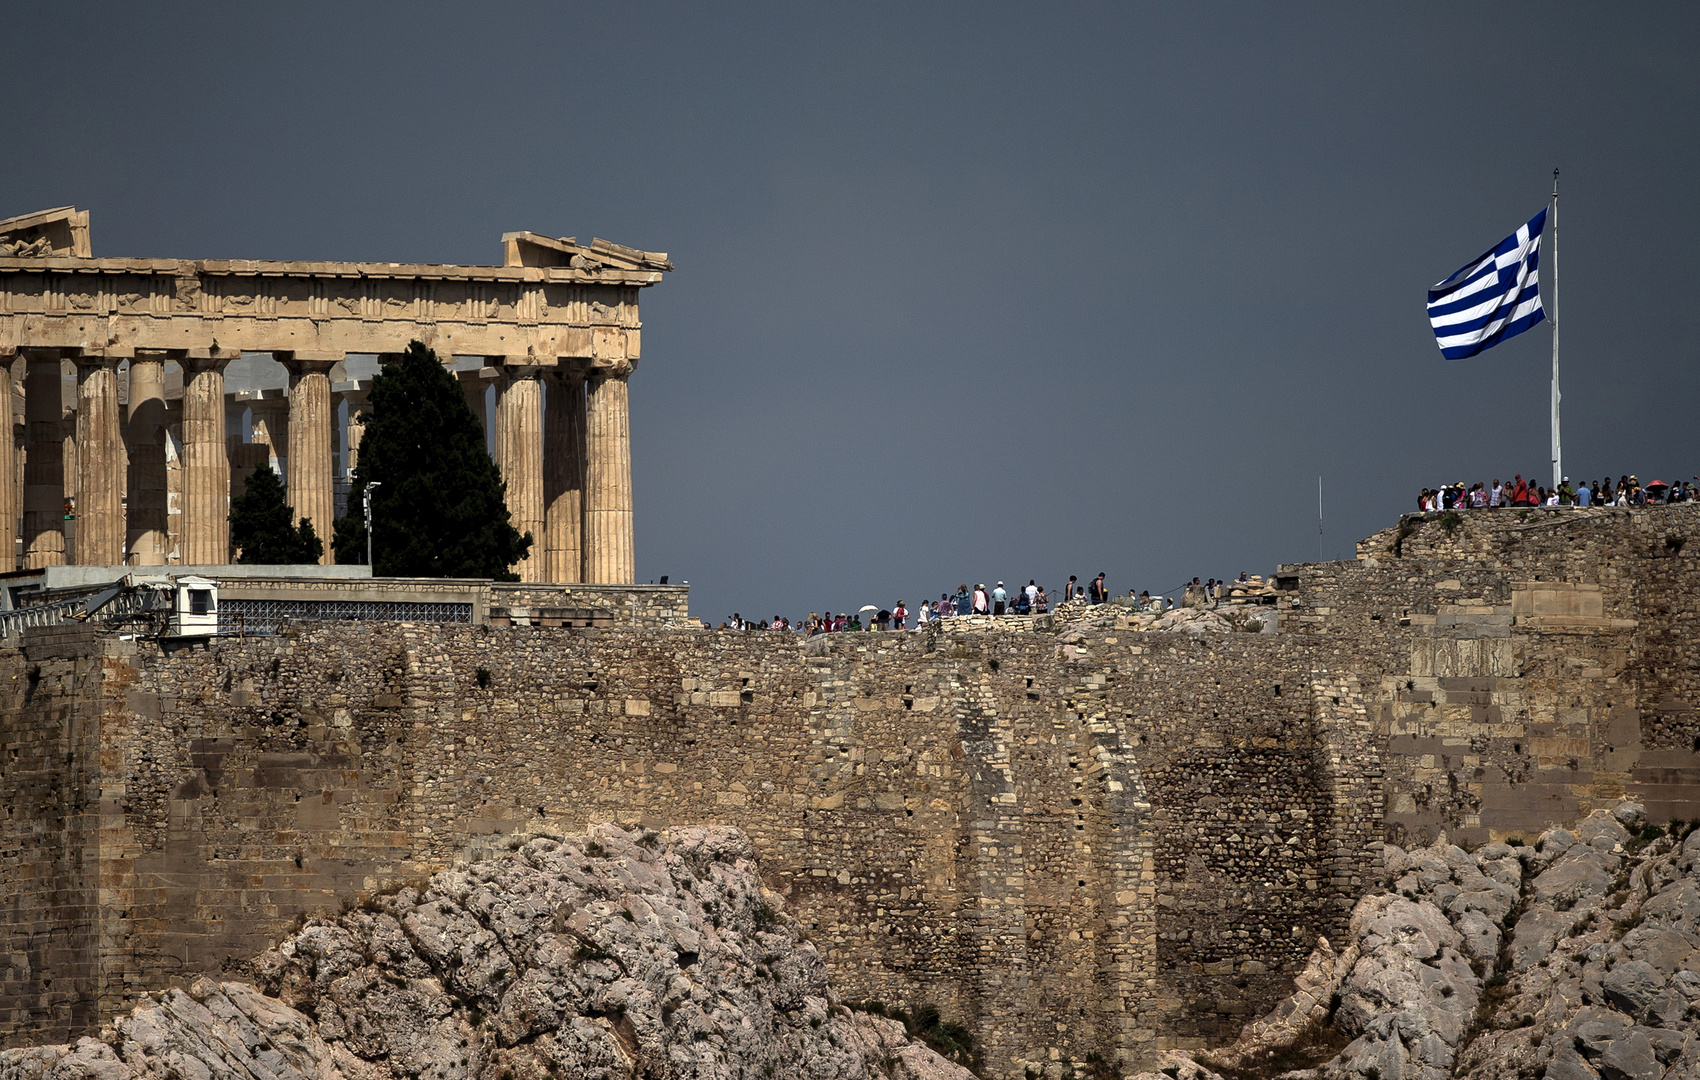 اليونان: تحسين العلاقات مع تركيا مهمة صعبة لكن ليست مستحيلة